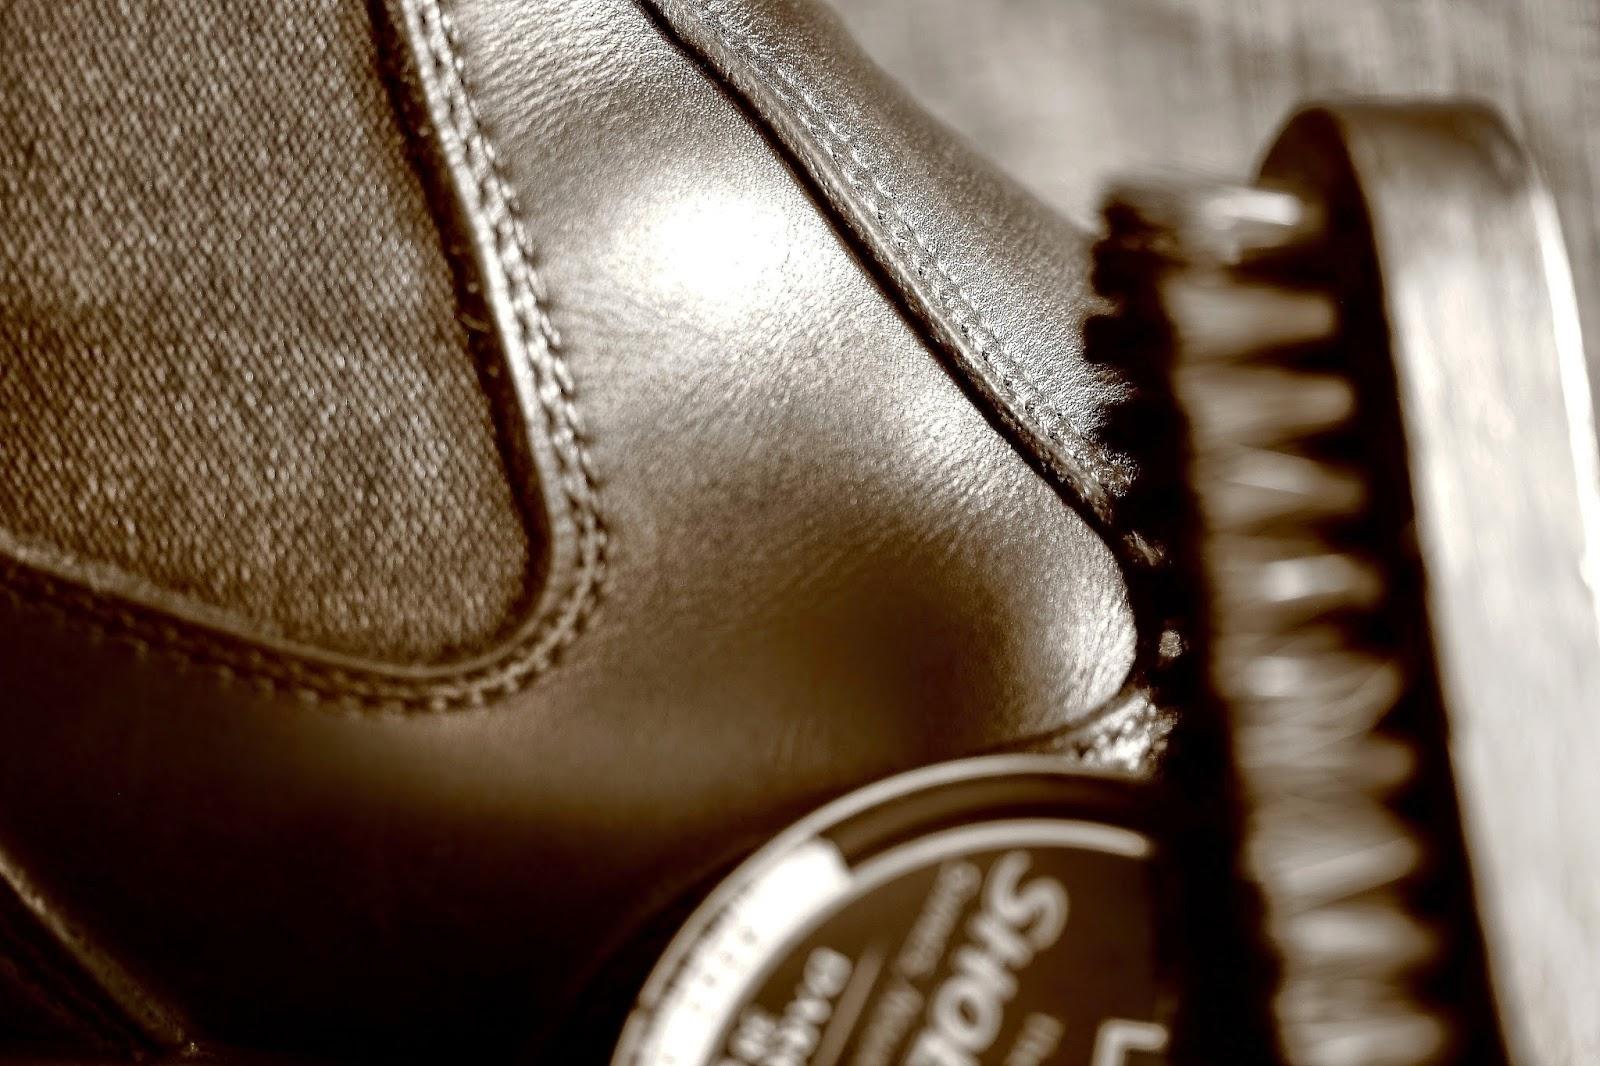 La meiga y su caldero  Trucos para Ensanchar Zapatos 46637753806af